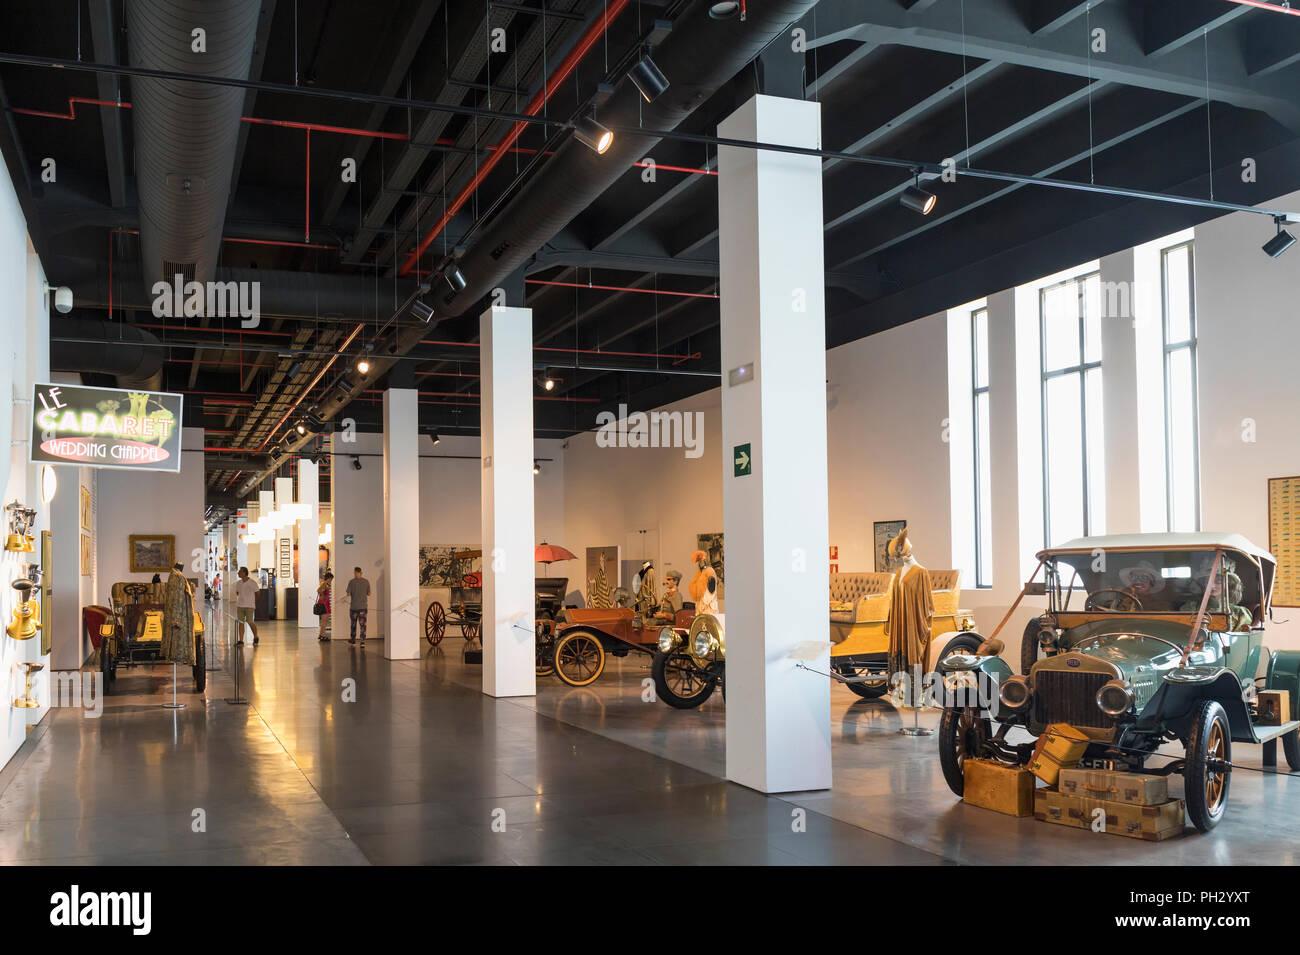 Museo Automovilistico y de la moda, Malaga, provincia di Malaga, Spagna. Automobile e il Museo della Moda. Parte del display. Immagini Stock